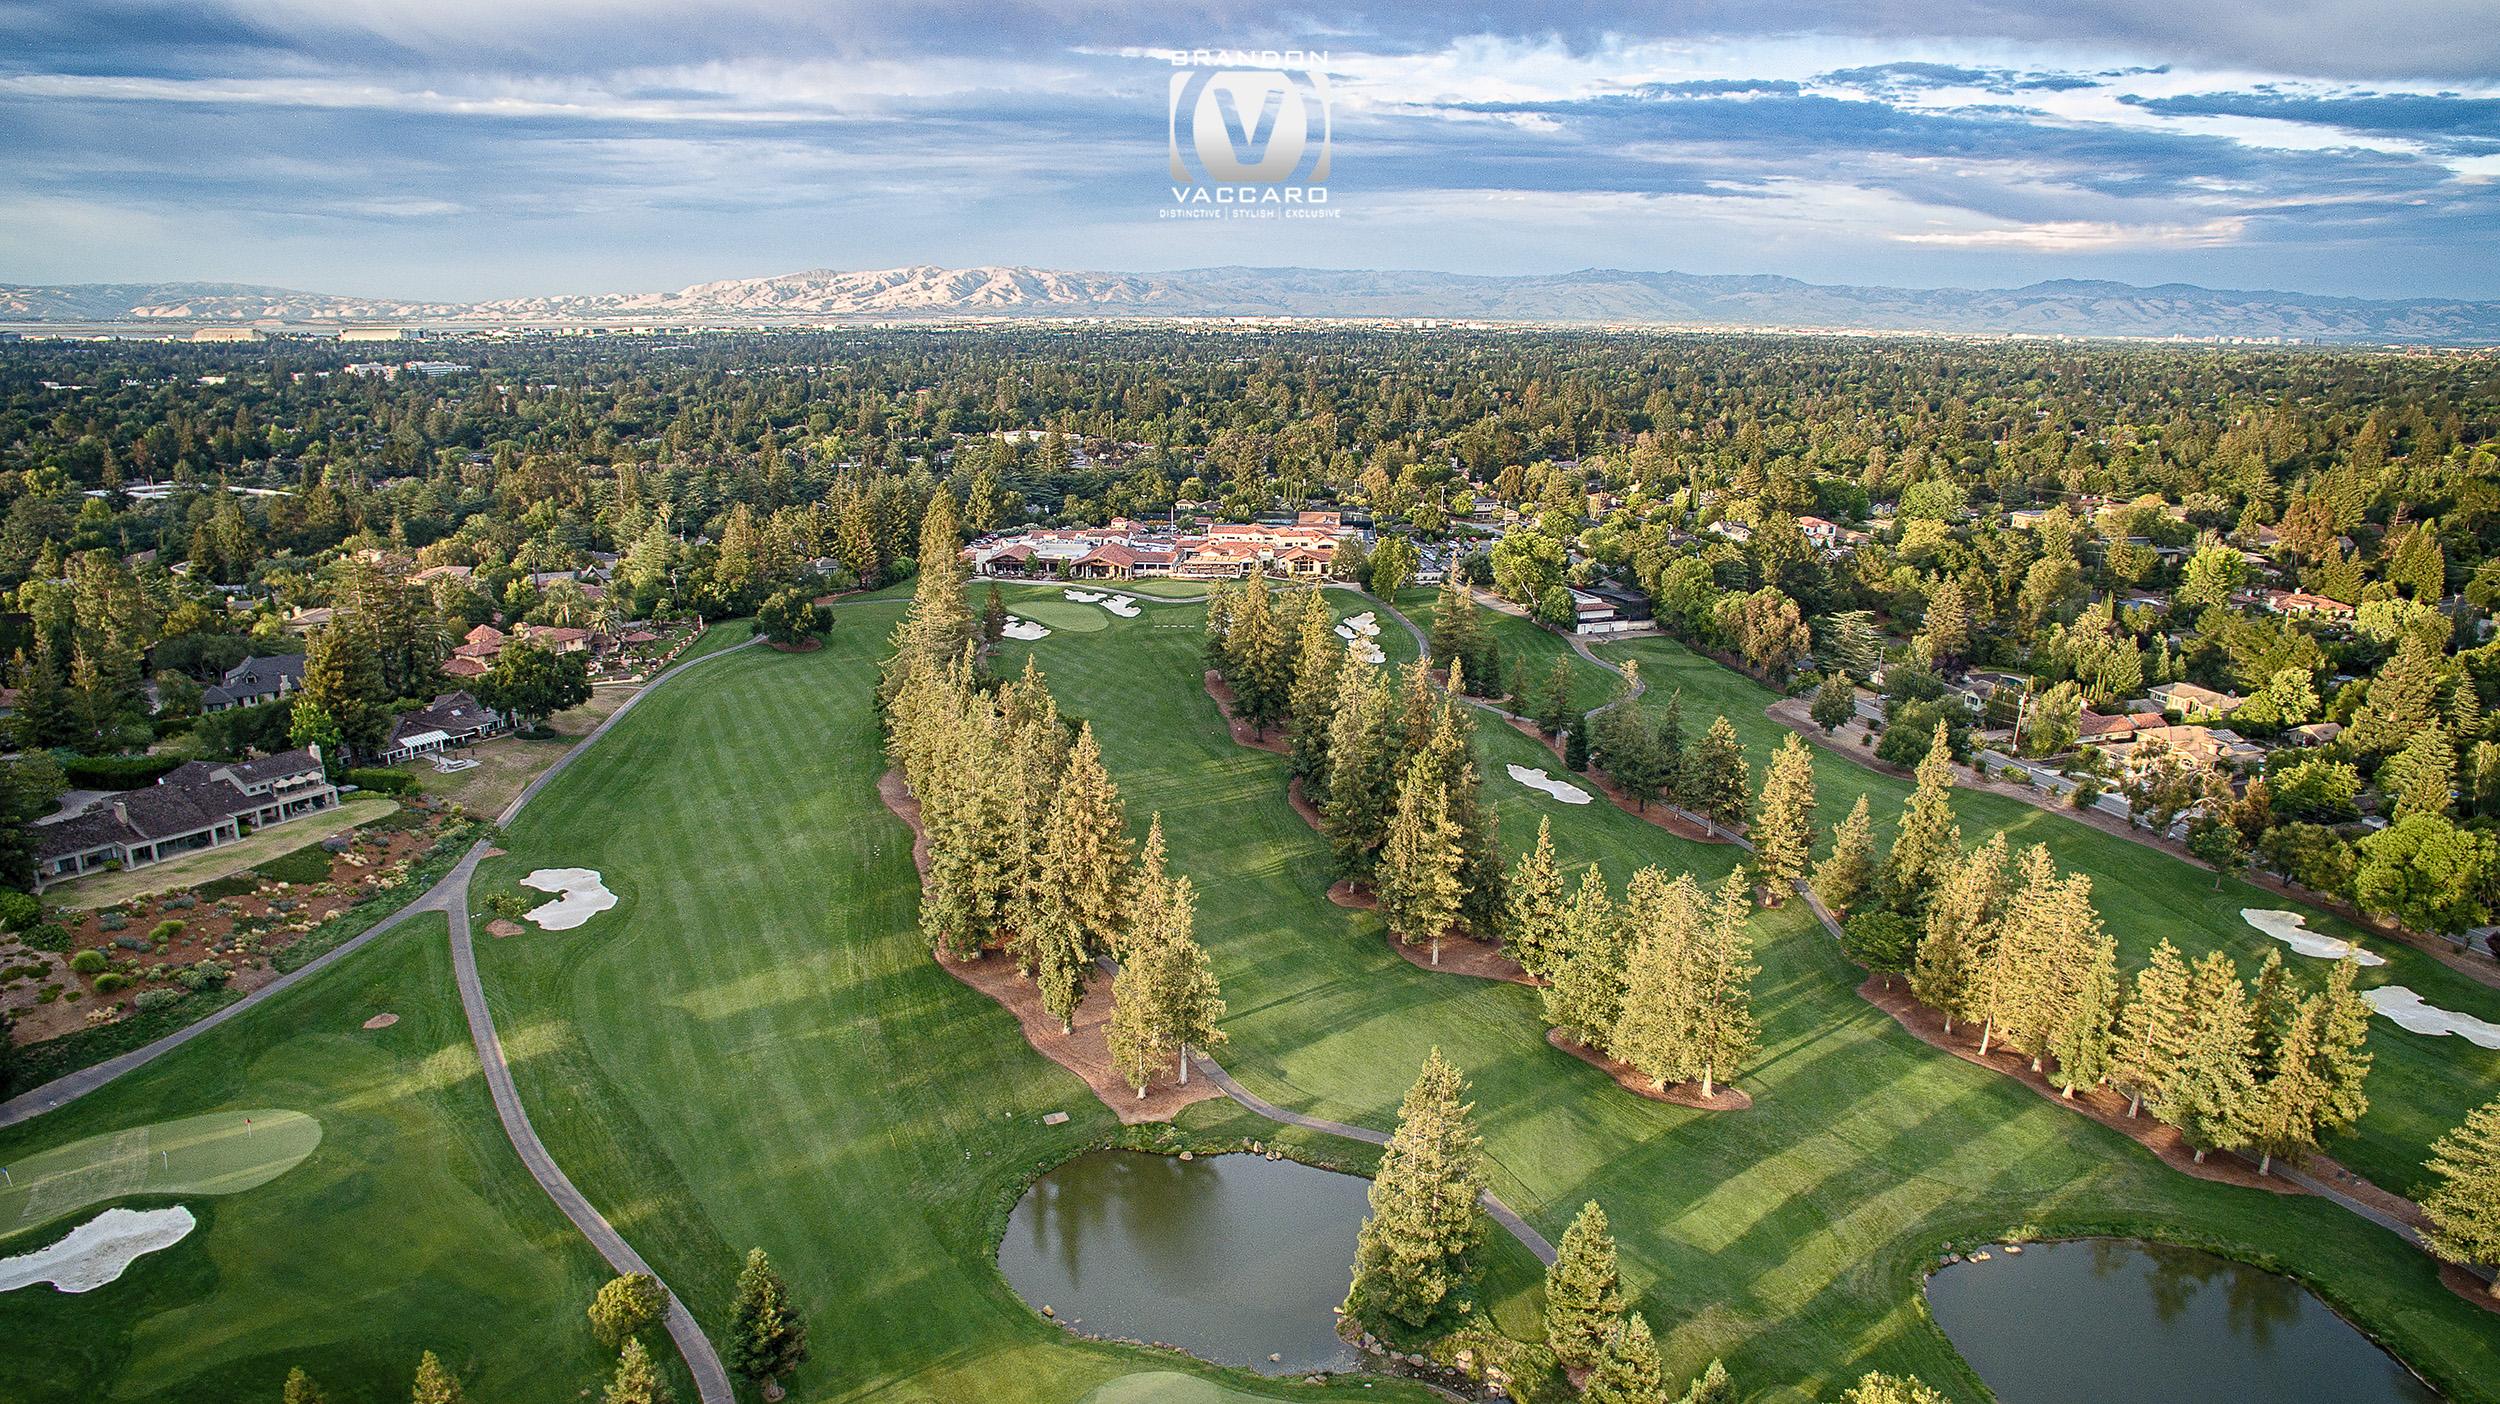 los-alto-drone-view.jpg